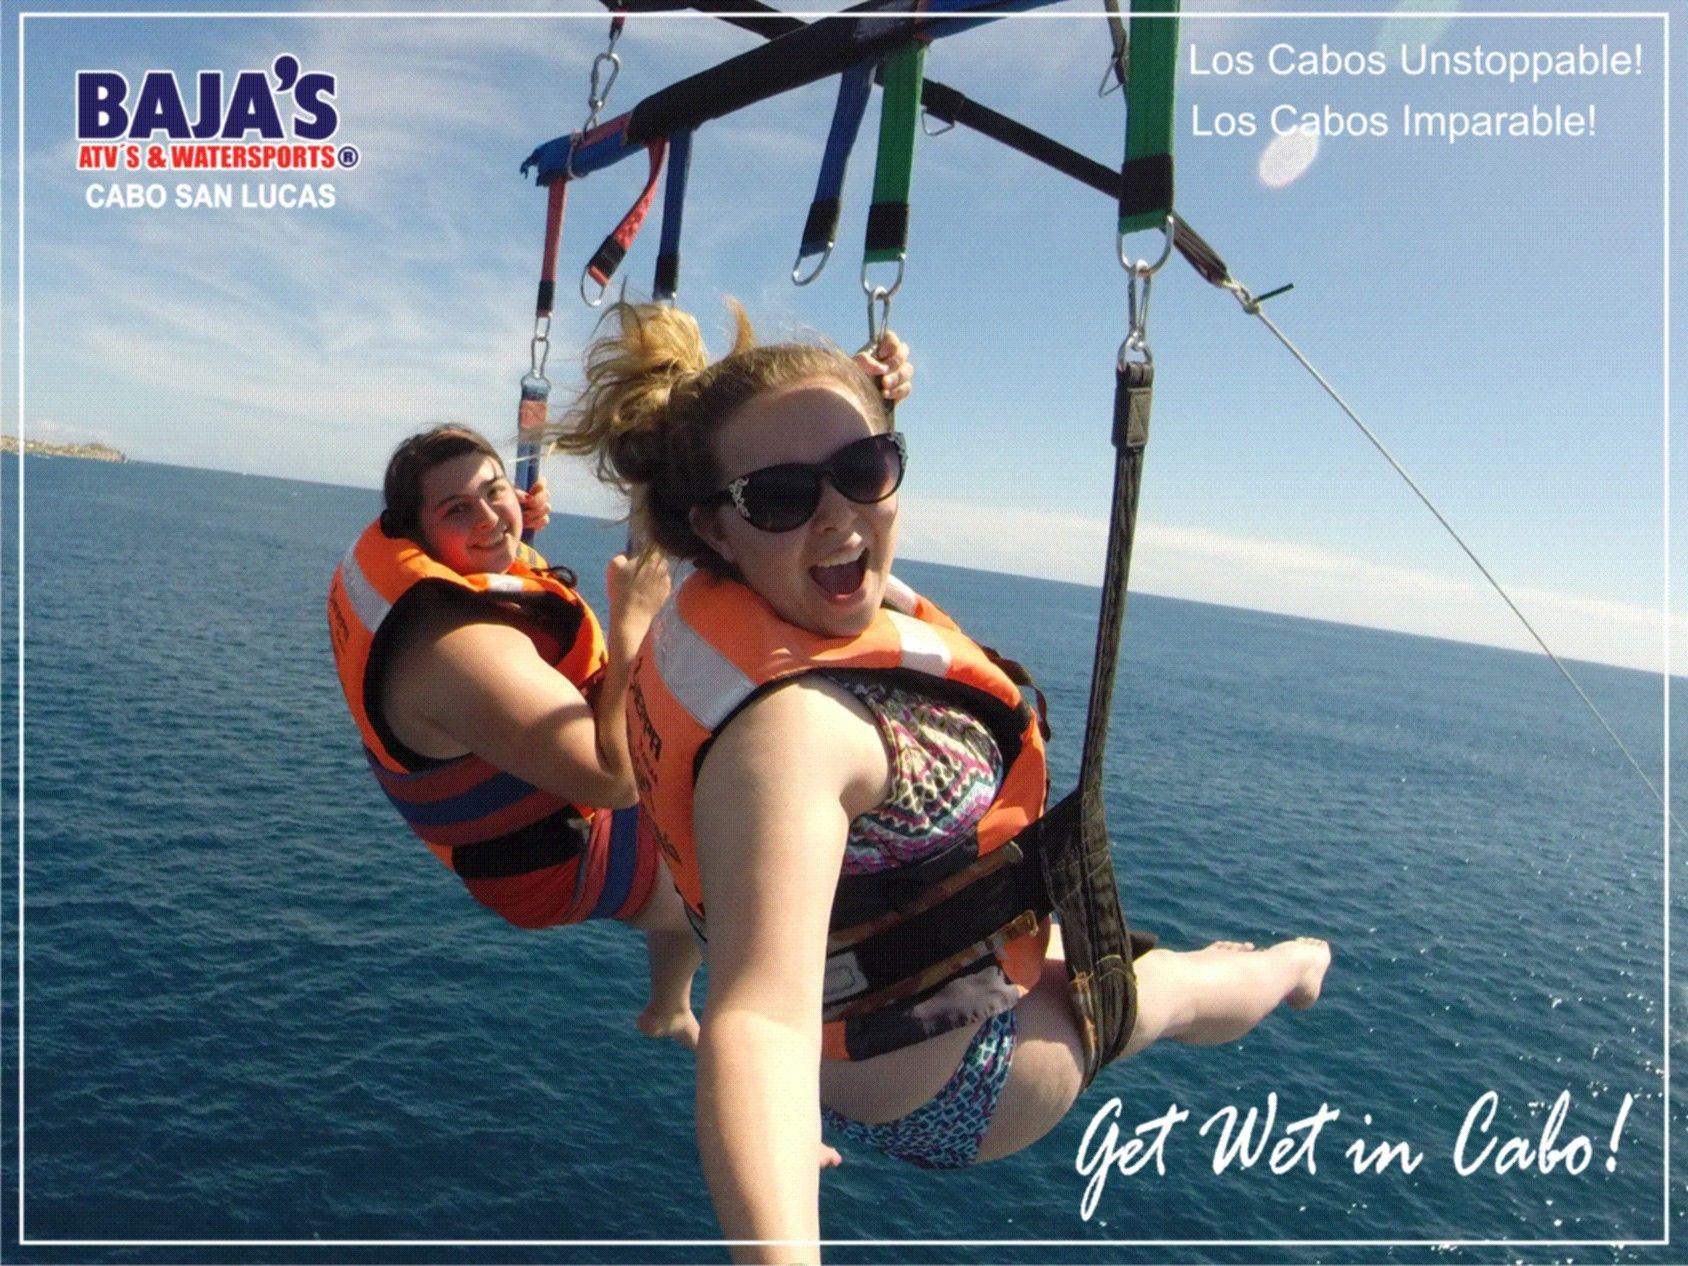 Enjoy Parasailing in #LosCabos Unstoppable! Disfruta el Paracaídas en #LosCabos Imparable!   #Bajaswatersports #Watersports